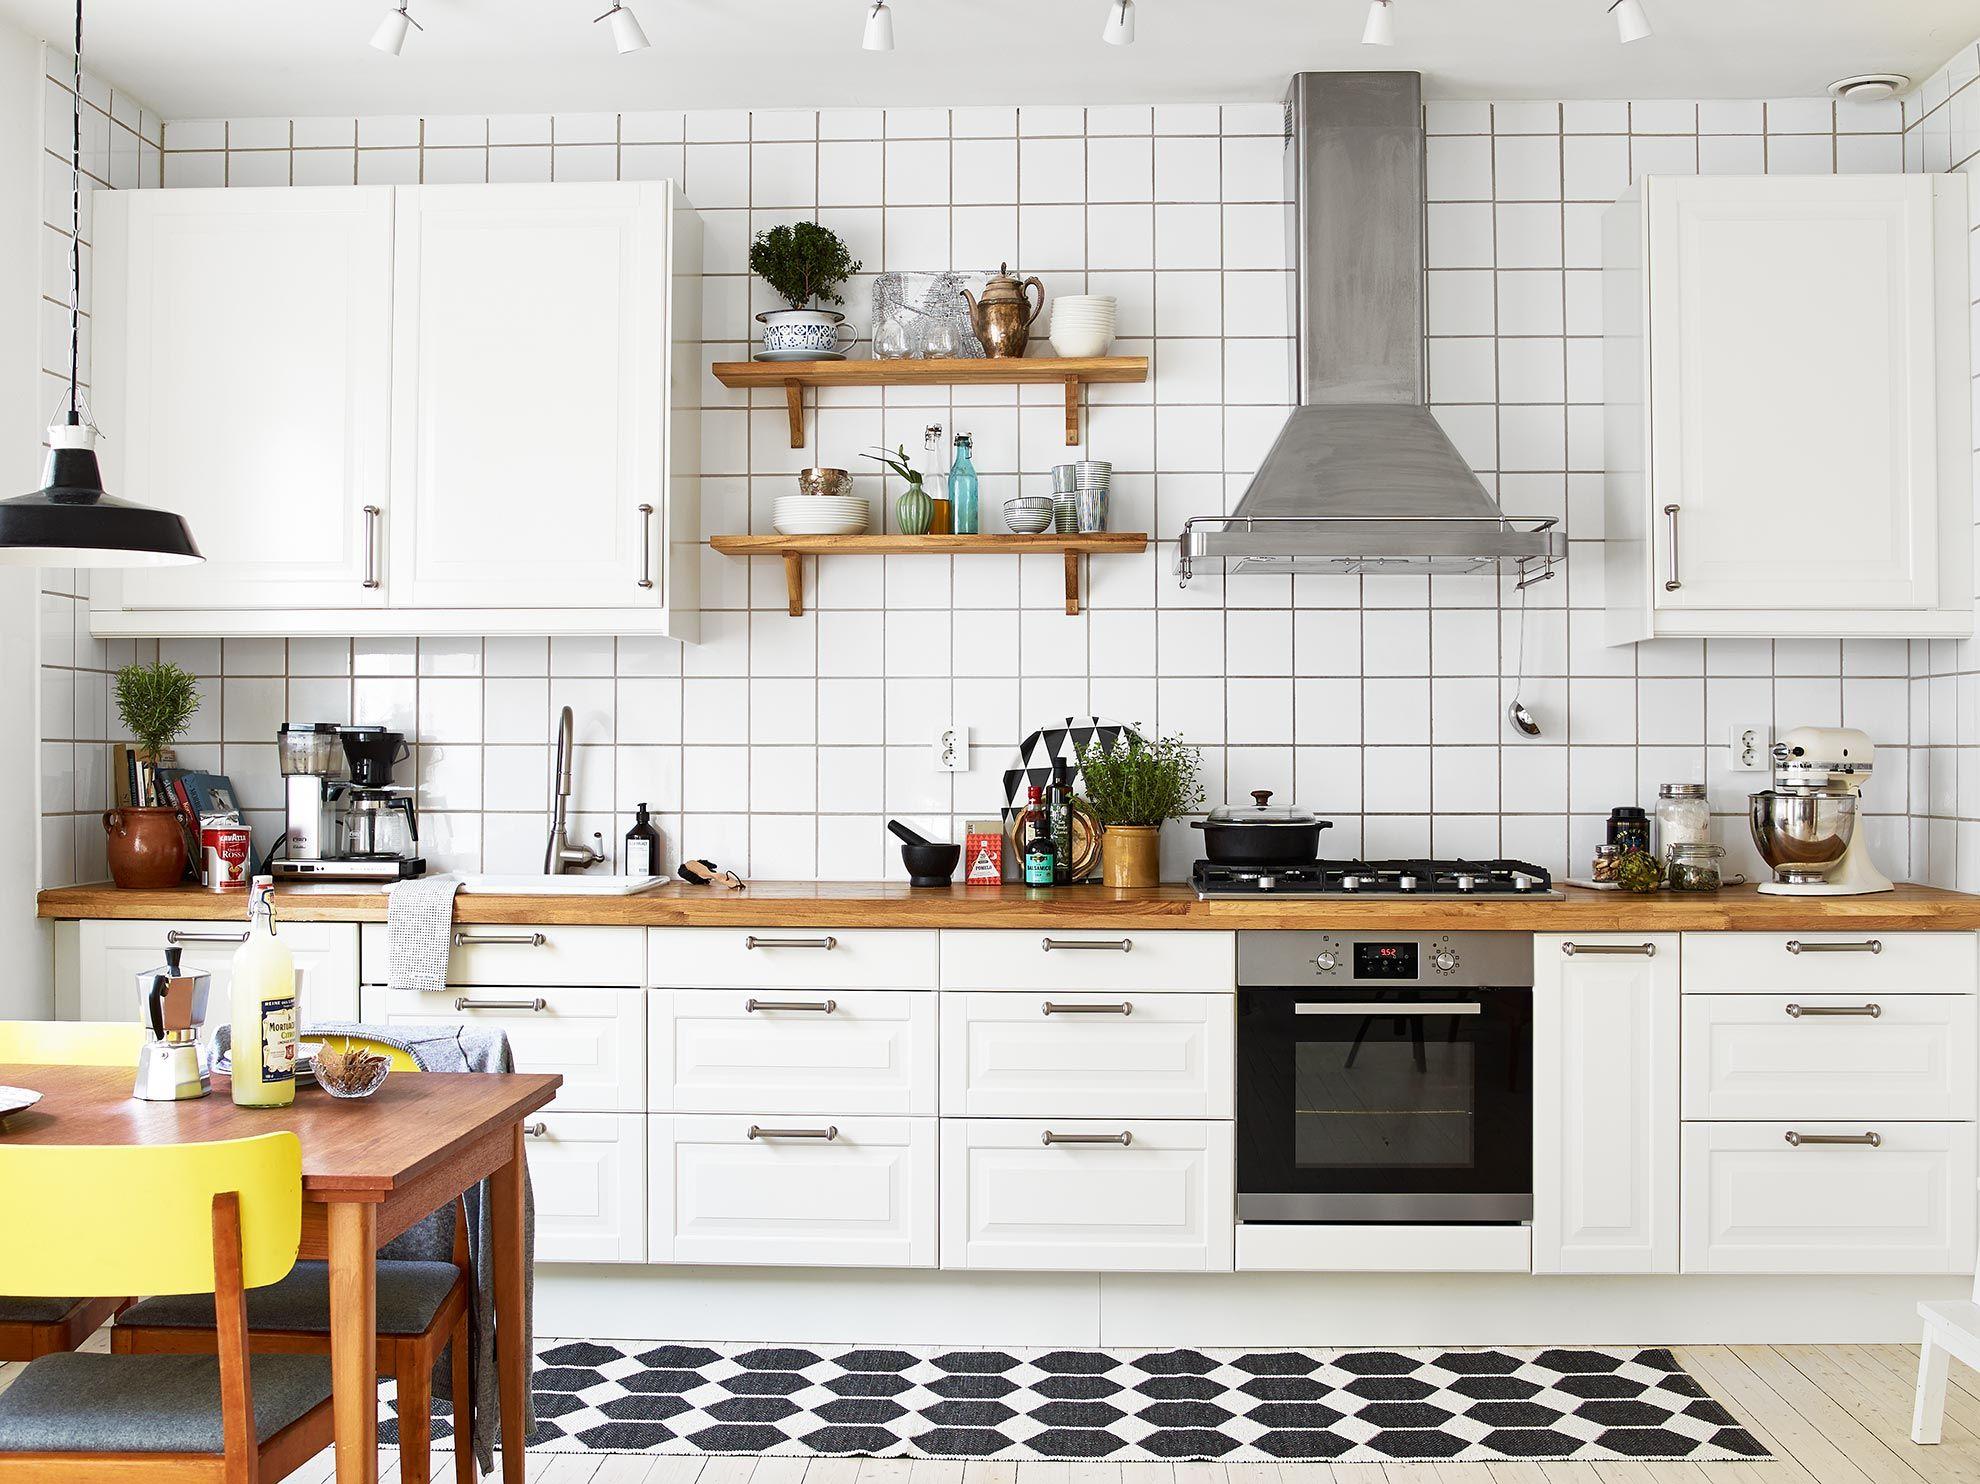 Cocina estilo n rdico cocinas y comedores bonitos for Cocina estilo nordico